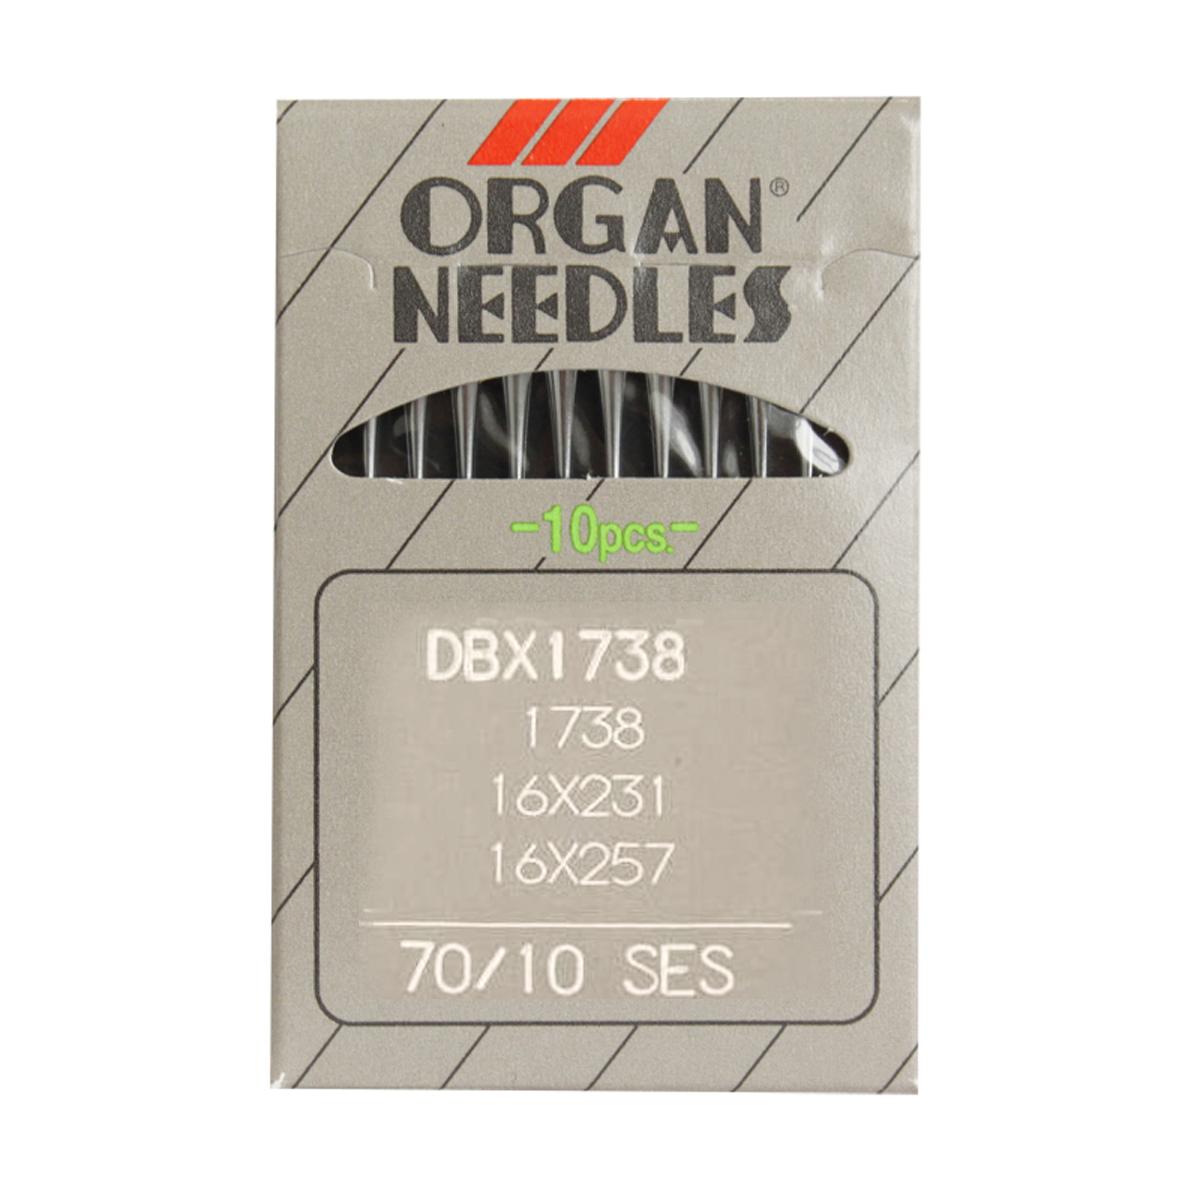 Иглы для промышленных швейных машин Organ, DBx1/70 SES, 10 штTD 0350Иглы для промышленных швейных машин Organ с маркировкой DBx1 предназначены для прямострочных швейных машин. Иглы используются для пошива трикотажа (SES). Острие игл тонкое, стандартное.Предназначены для машин цепного стежка 10Б, 53, 810 классов и импортных аналогов. В промышленных машинах используются иглы с круглыми колбами, в отличие от игл бытовых машин, у которых колбы плоские. Круглая колба позволяет при наладке машины и установке иглы поворачивать (вращать) иглу, закрепляя ее в нужном положении. Диаметр колбы: 1,64 мм. Длина иглы: 33,9 мм. Номер игл: 70.